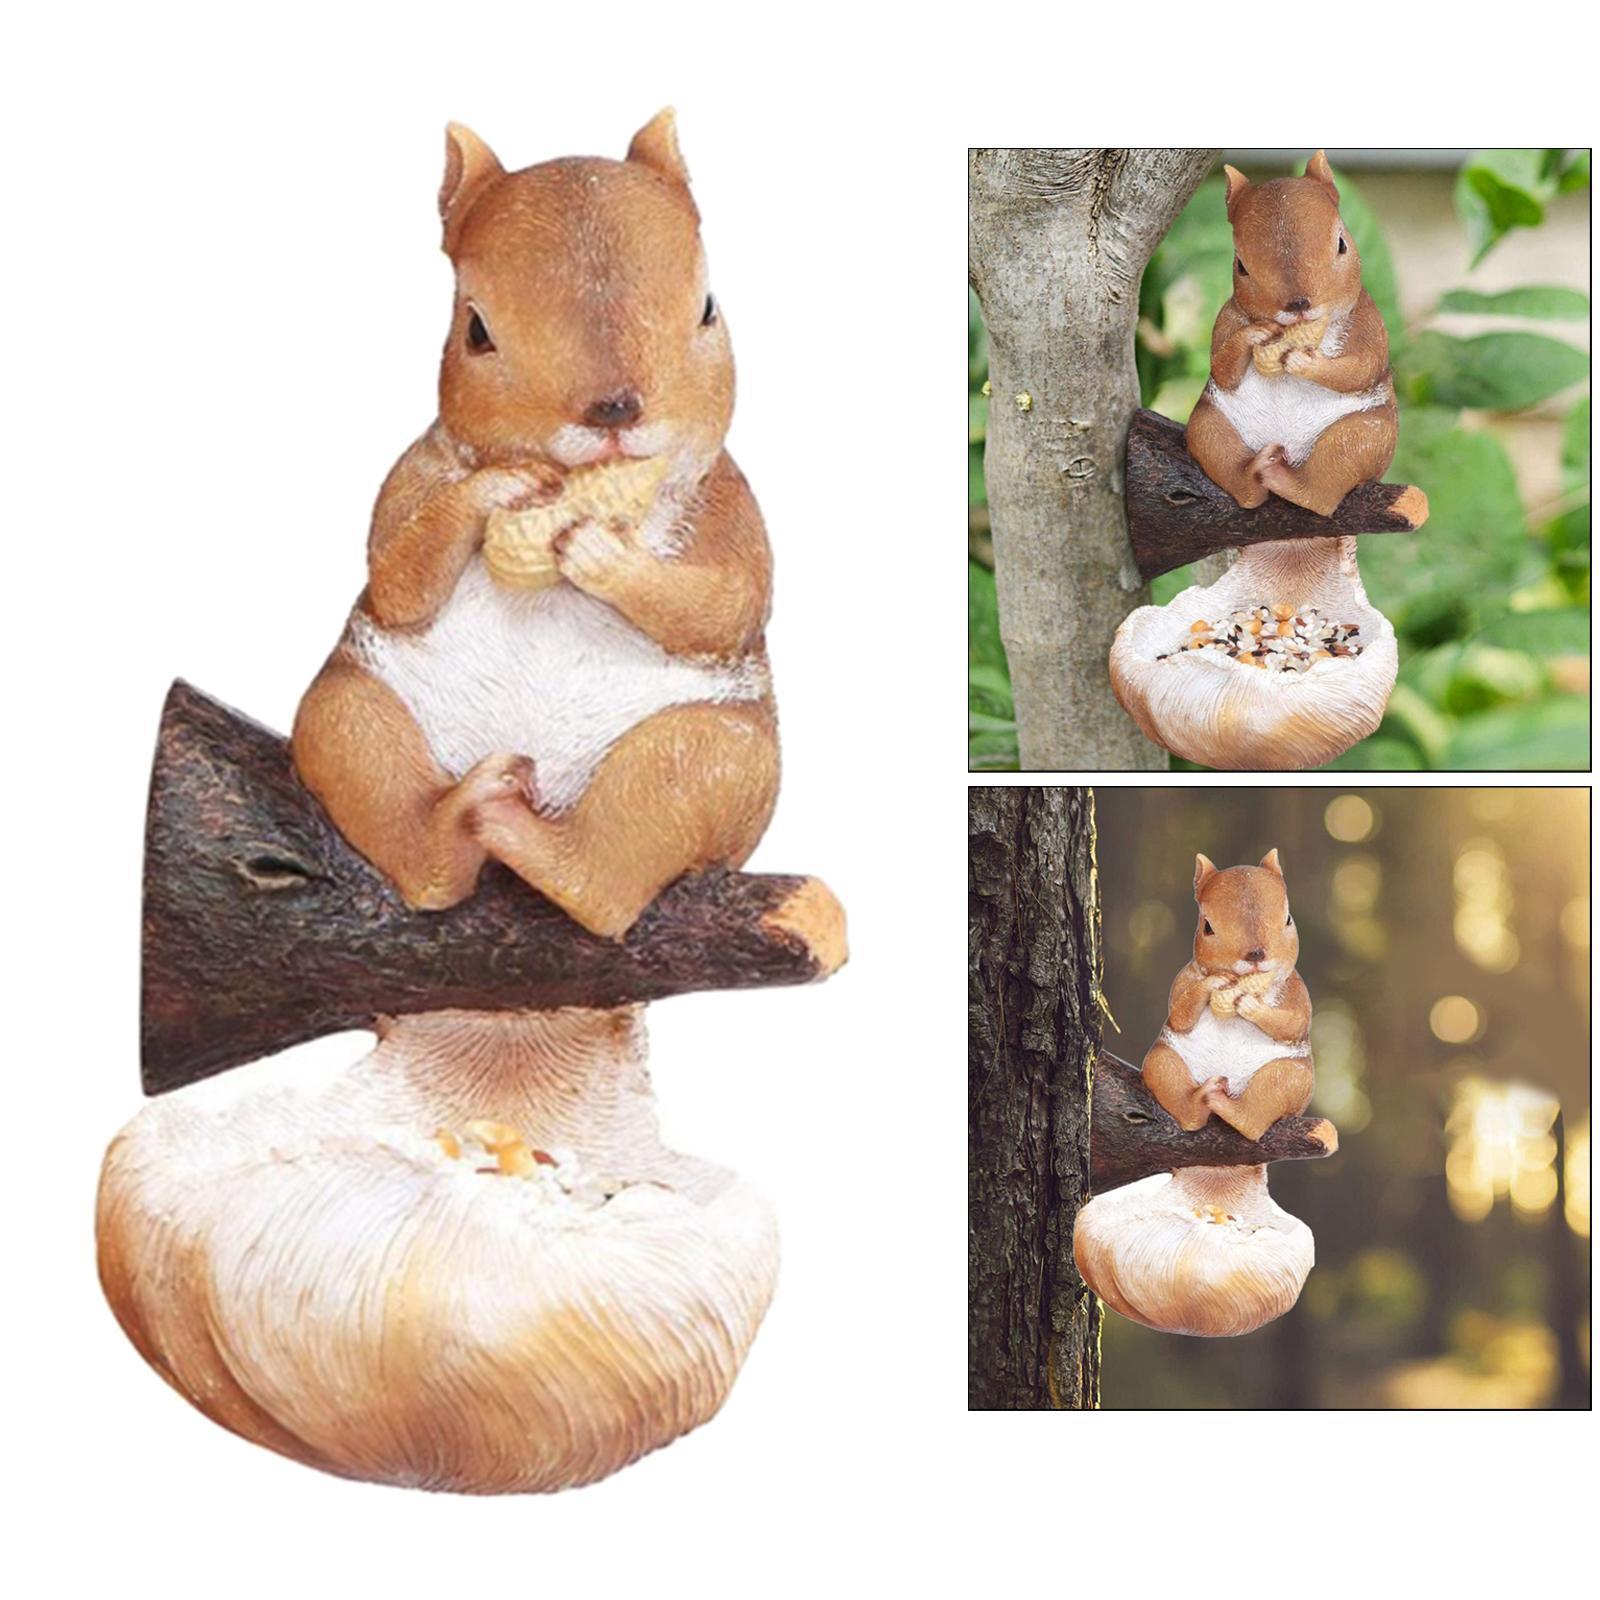 thumbnail 17 - Animal Sculpture Bird Feeder Home Outdoor Tree Decor Bird Feeding Tray